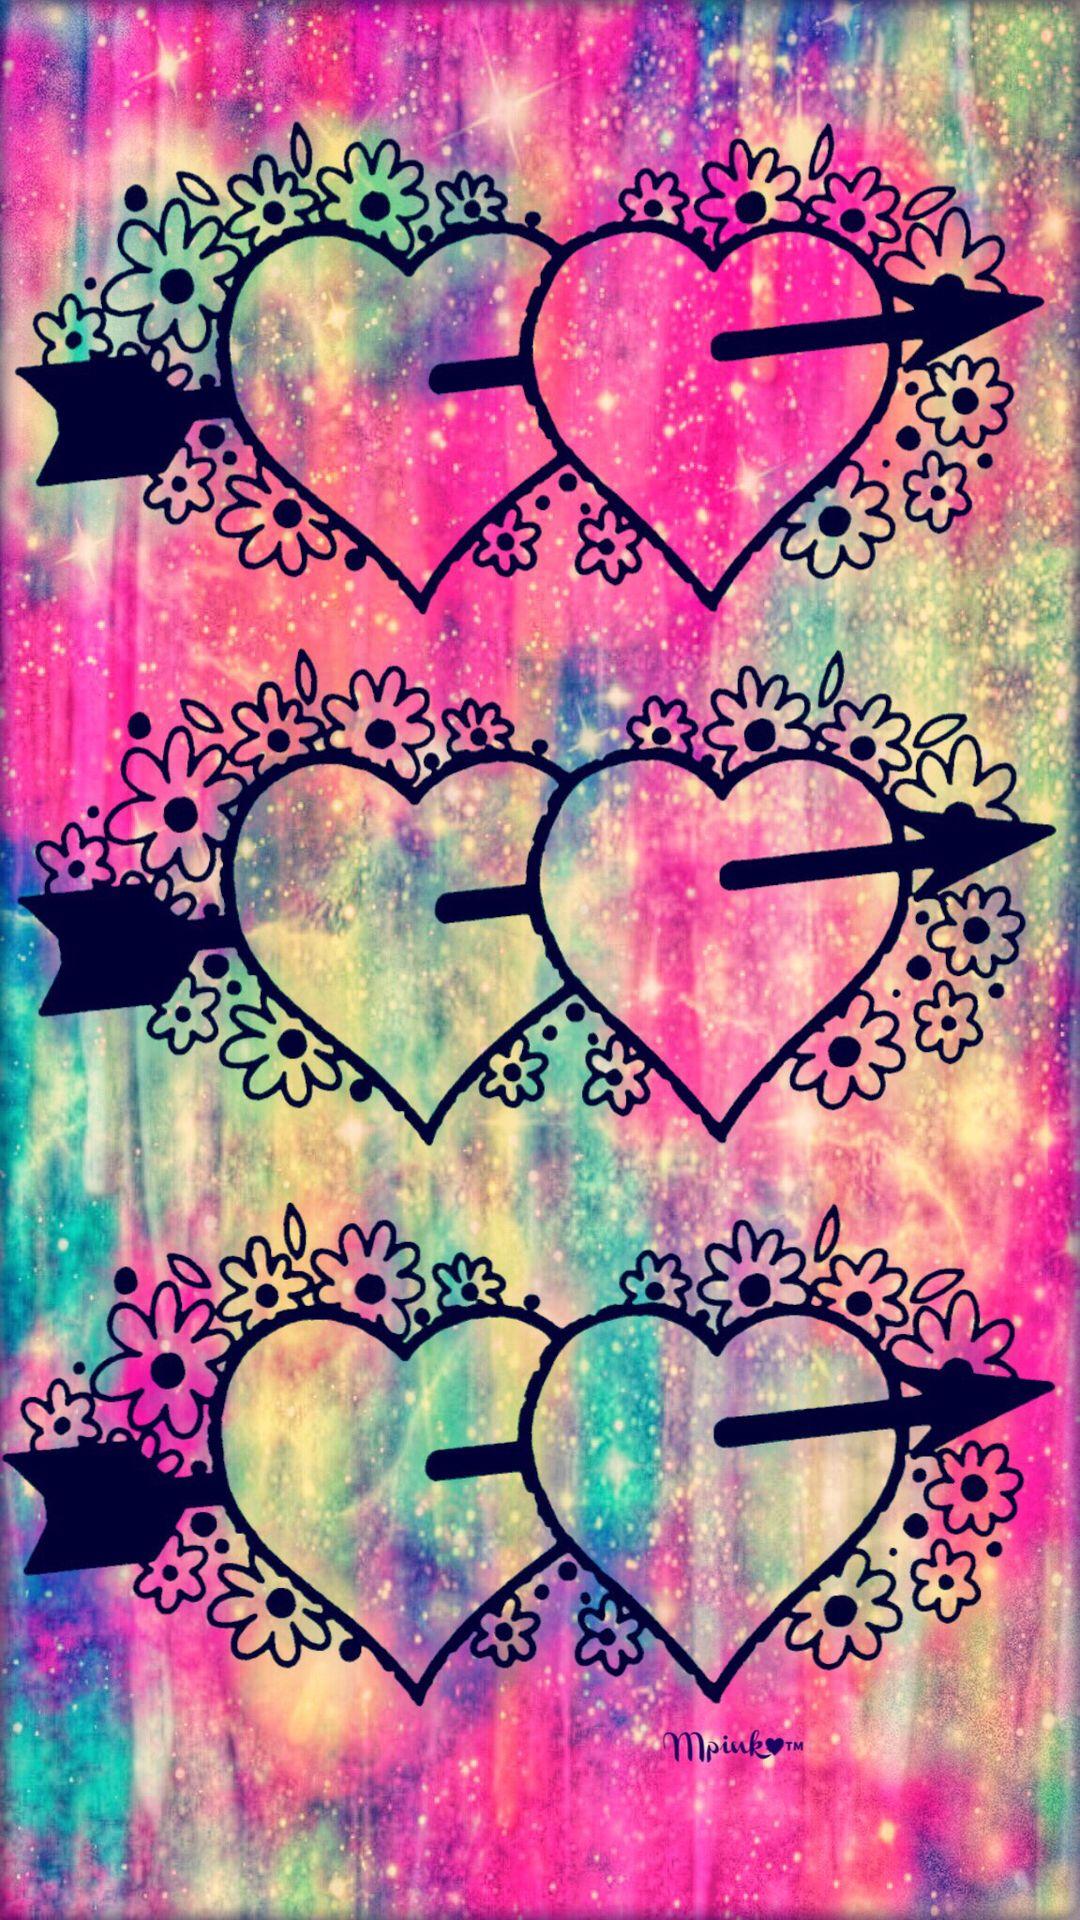 Vintage Floral Hearts Galaxy Wallpaper Androidwallpaper Iphonewallpaper Wallpaper Galaxy Sparkle Glitter Lo Galaxy Wallpaper Samsung Wallpaper Wallpaper